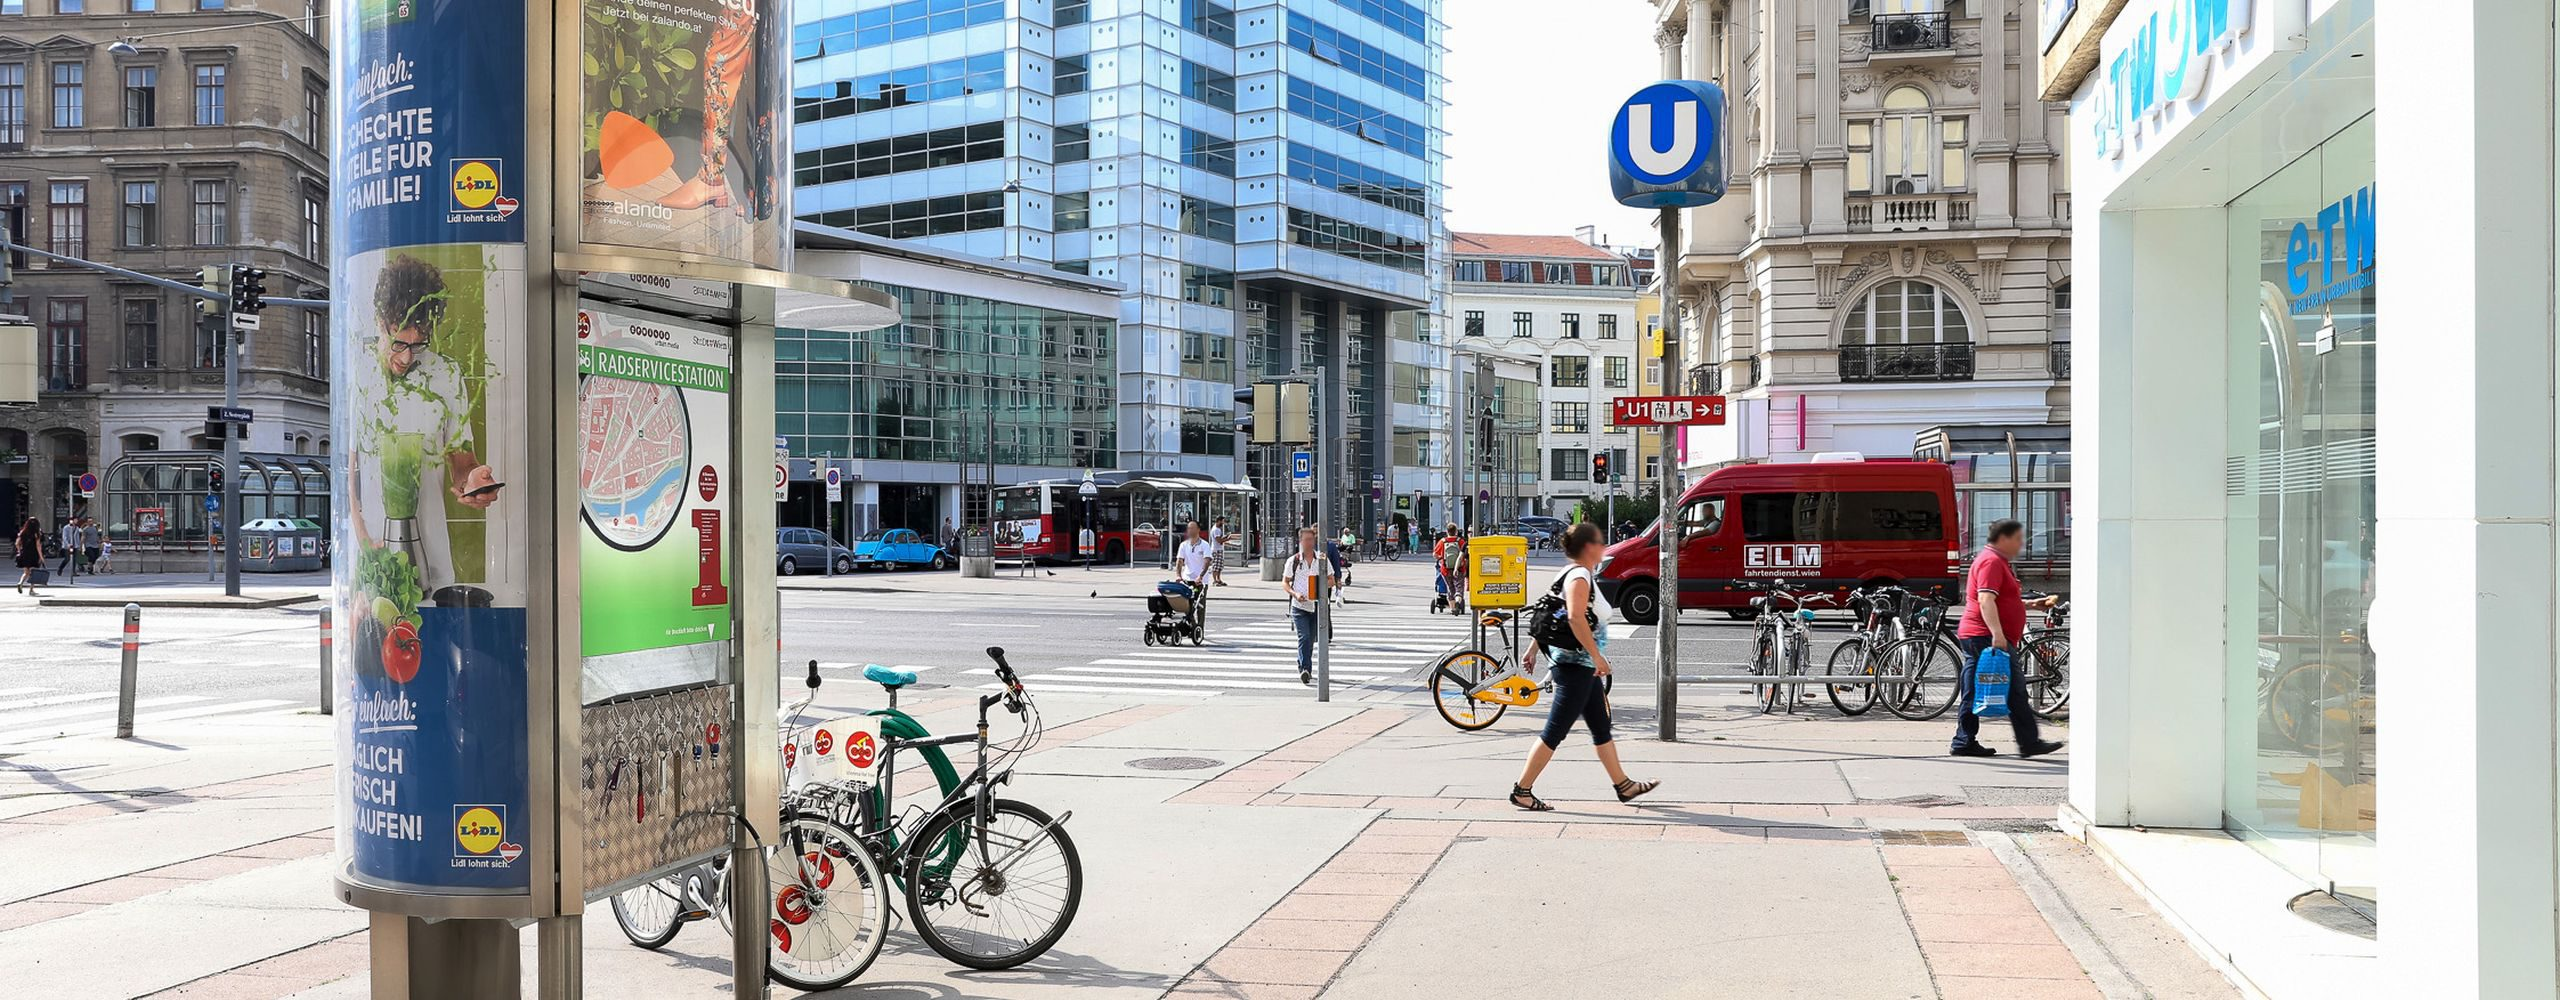 """Die Radservicestionen der Gewista sind eine Ergänzung zu dem bestehenden Wiener Pumpen. Die Stationen bietet aber neben """"frischer Luft"""" auch Werkzeug an, um kleinere Reparaturen selbst durchzuführen. Foto: Gewista"""